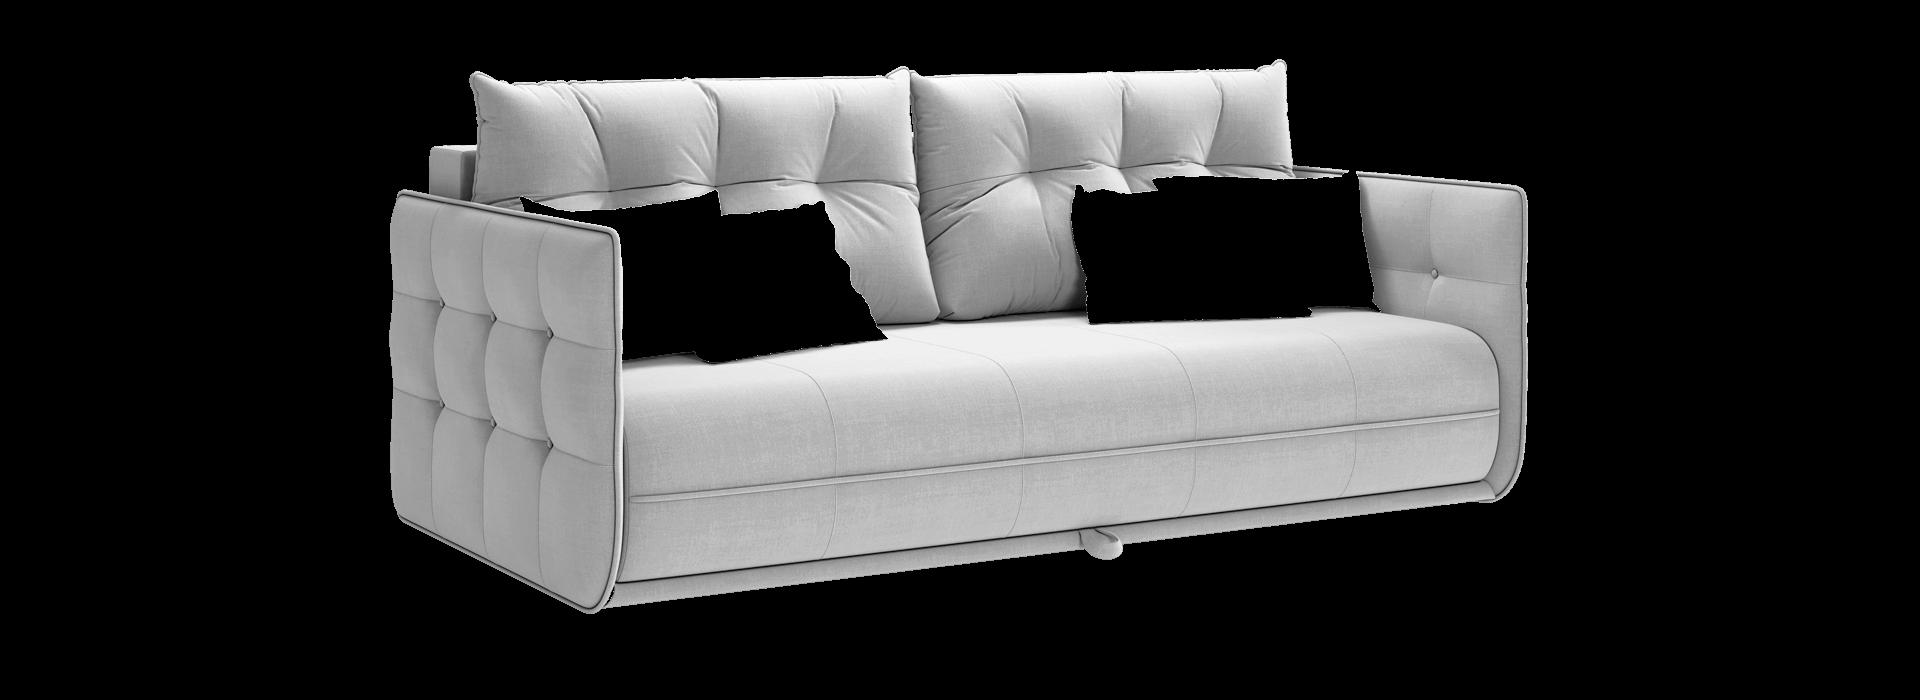 Анрі прямий диван - маска 2